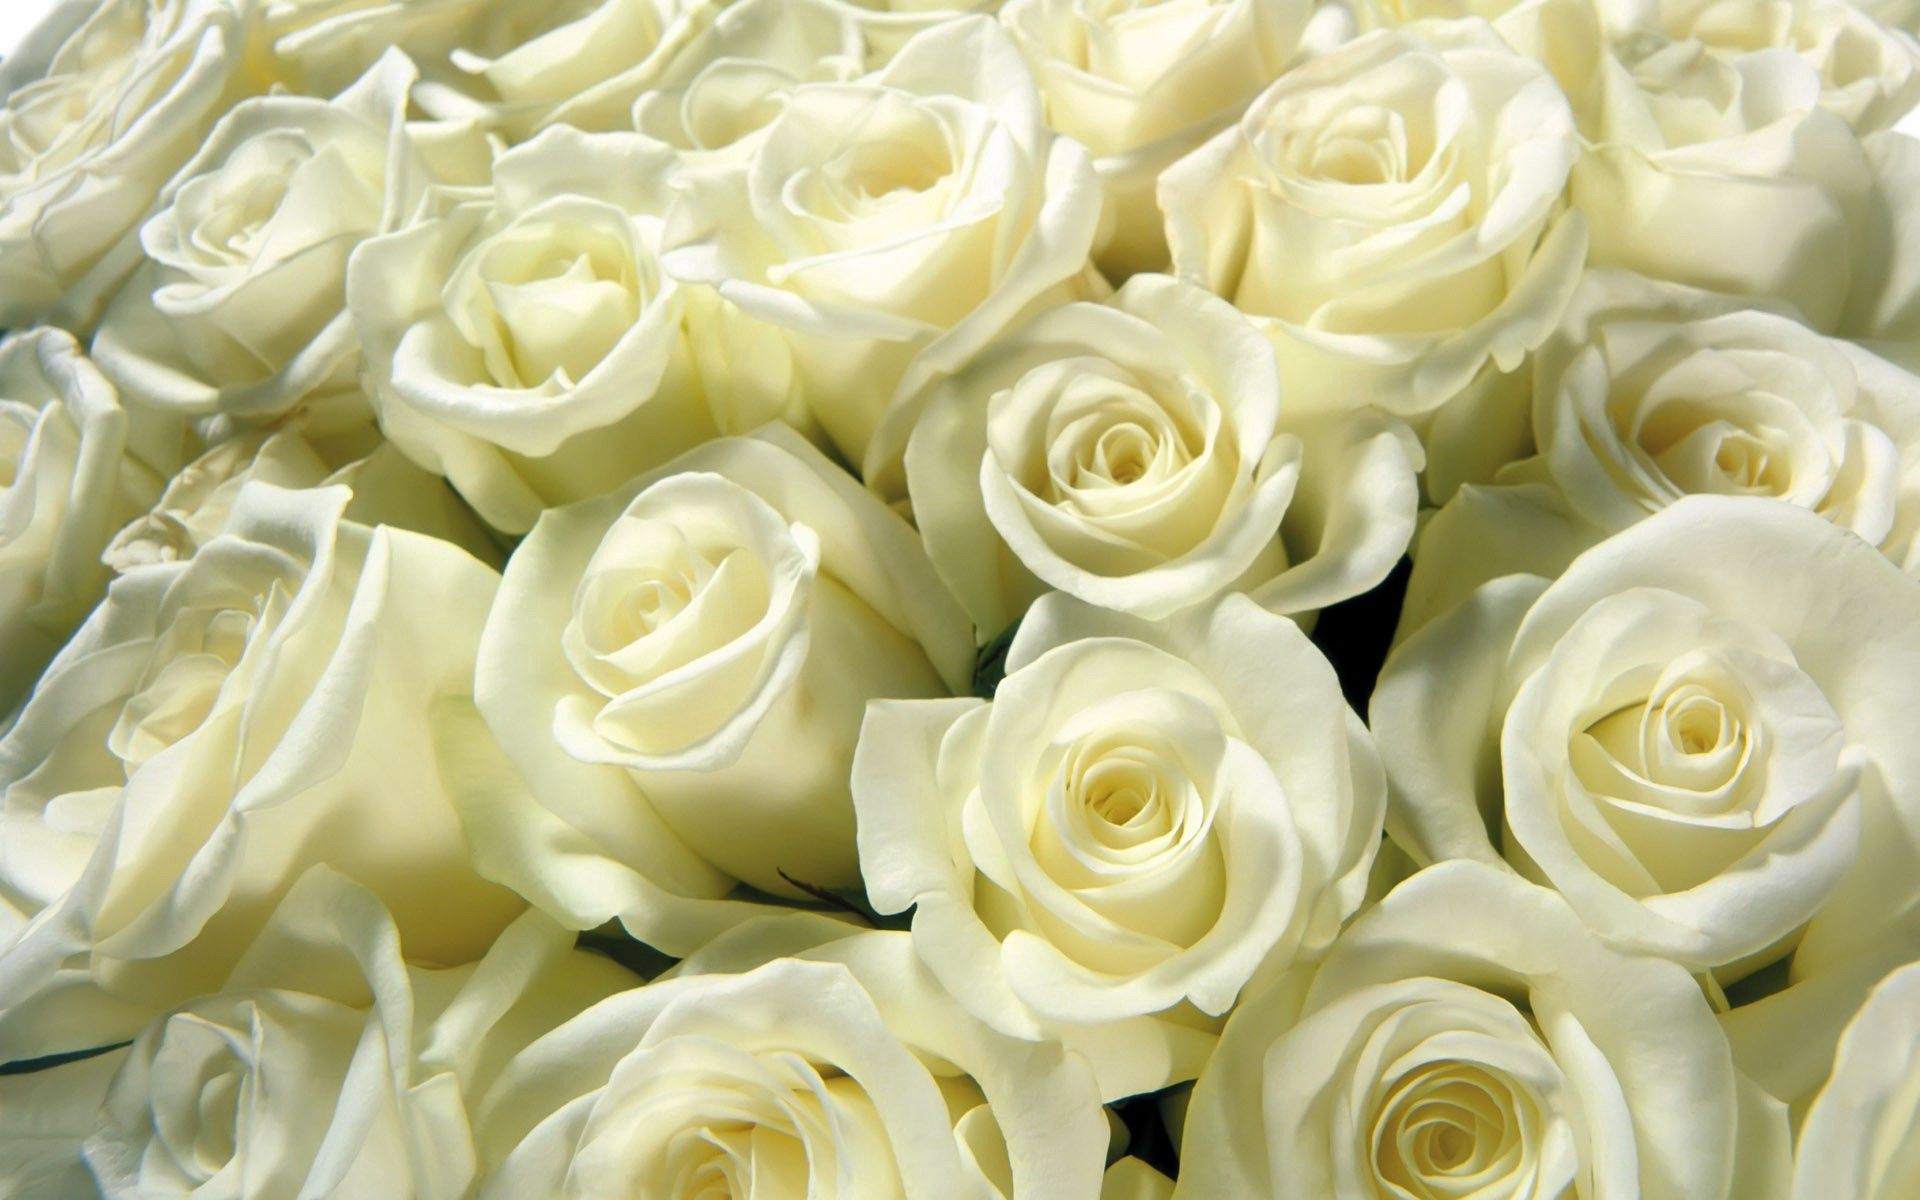 88449 скачать обои Розы, Макро, Бутон, Белый, Много - заставки и картинки бесплатно